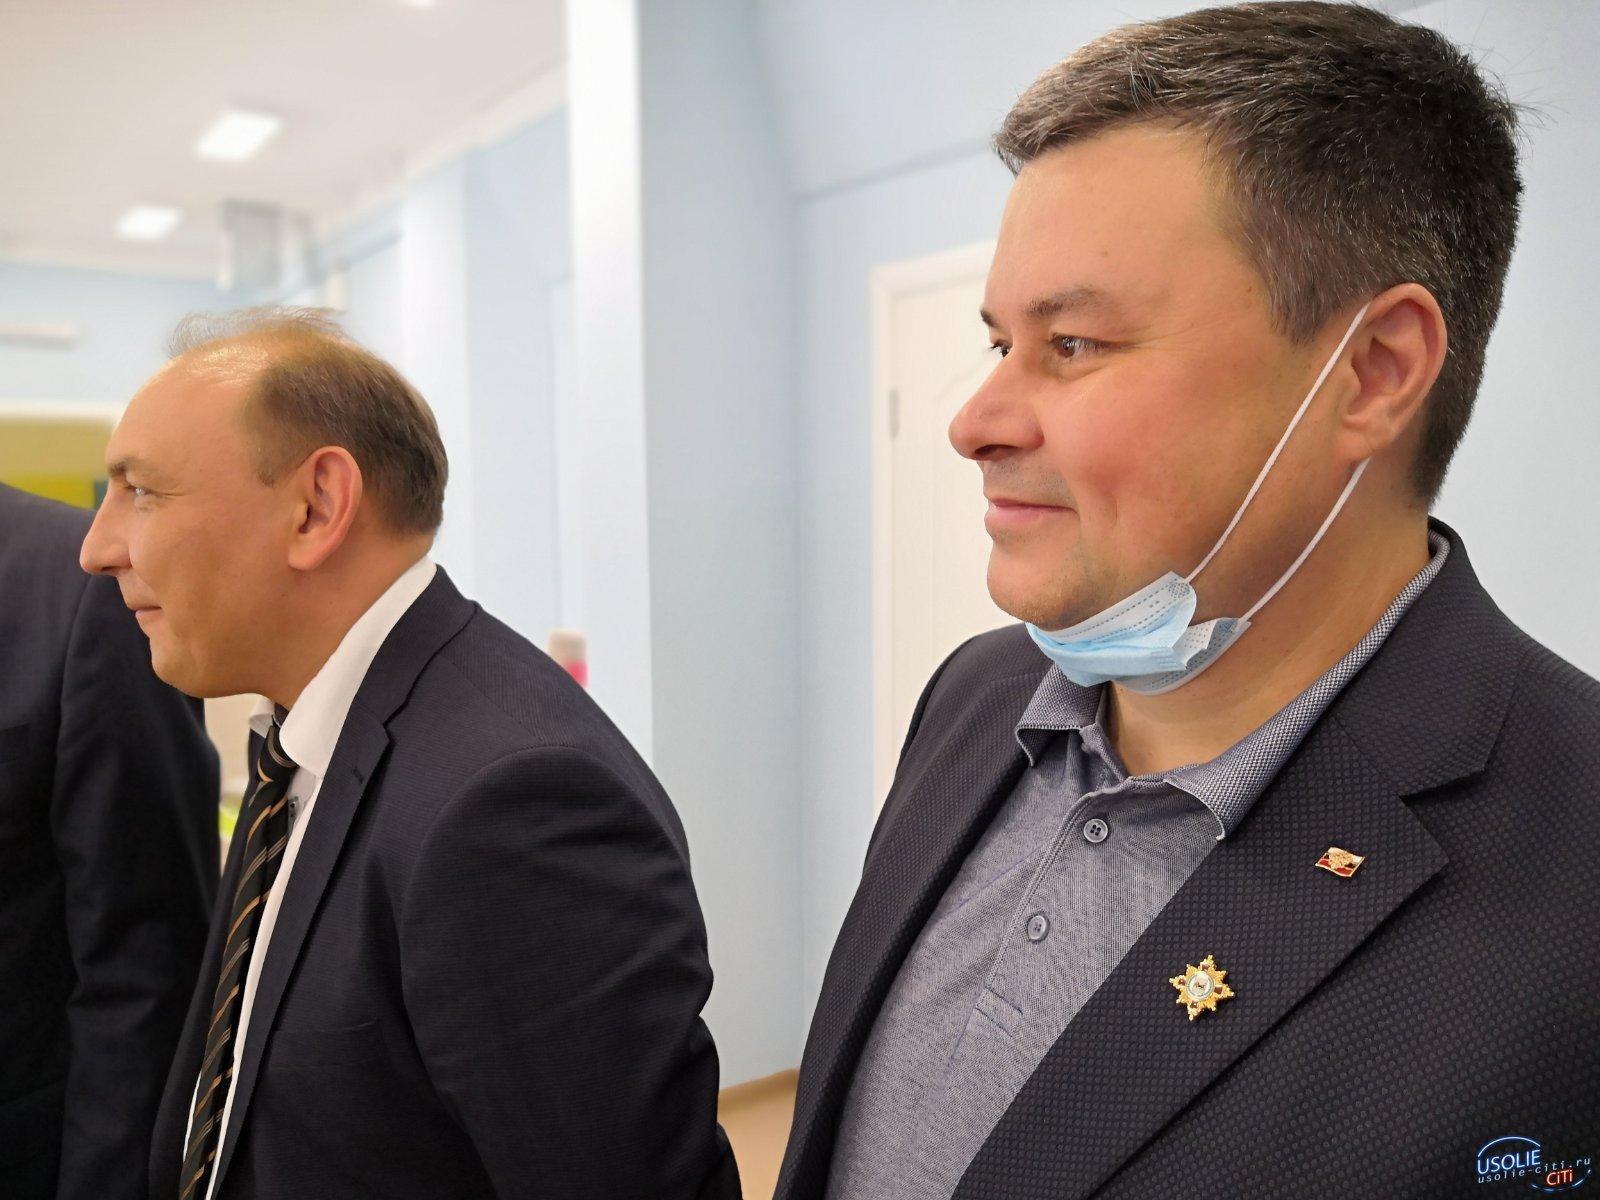 Первых пациентов принял новый кабинет врача в Усолье